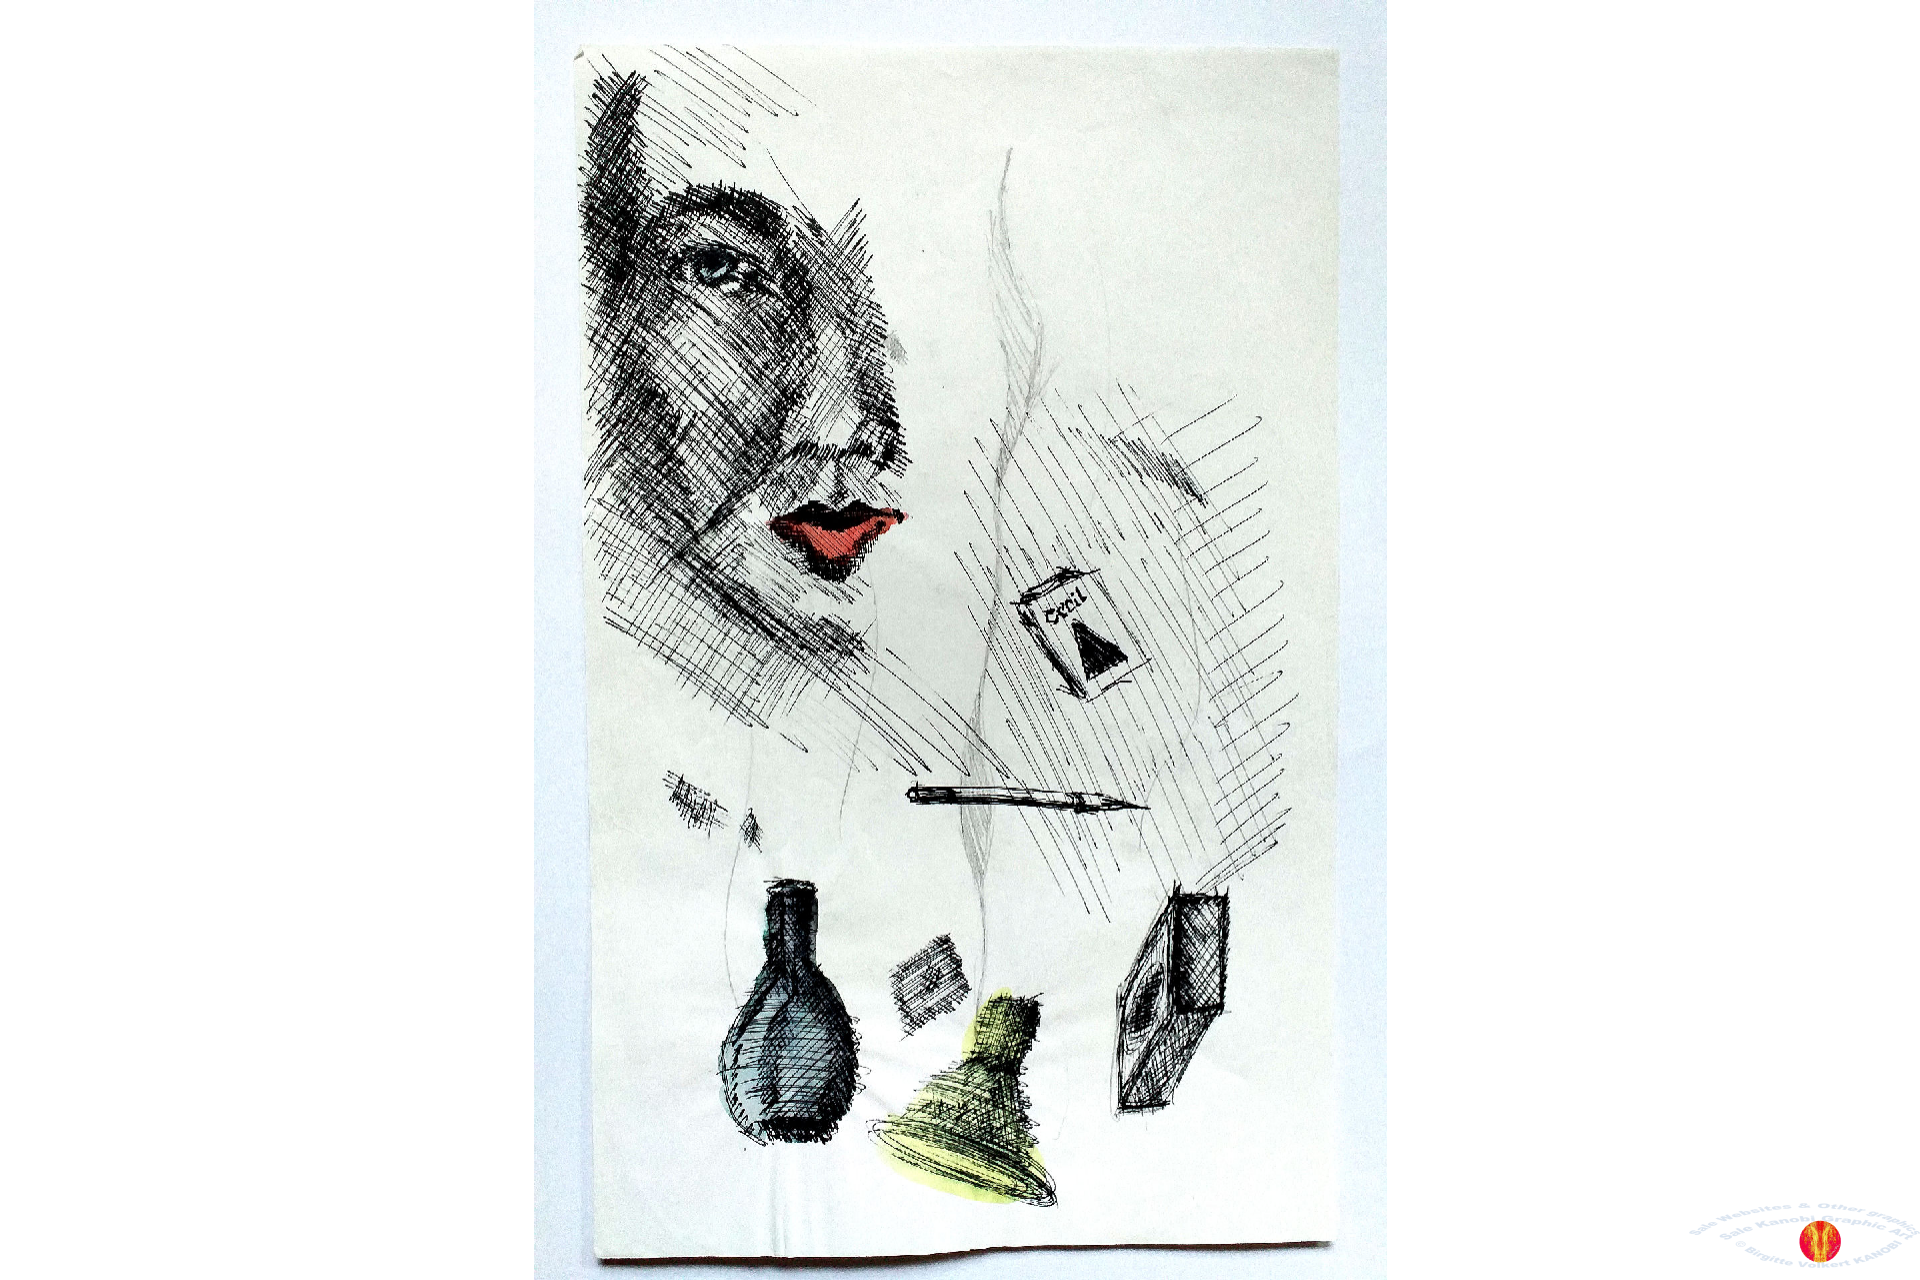 Altid tegnet også på Grafisk EFG første år 1979-80 ©Kanobi®